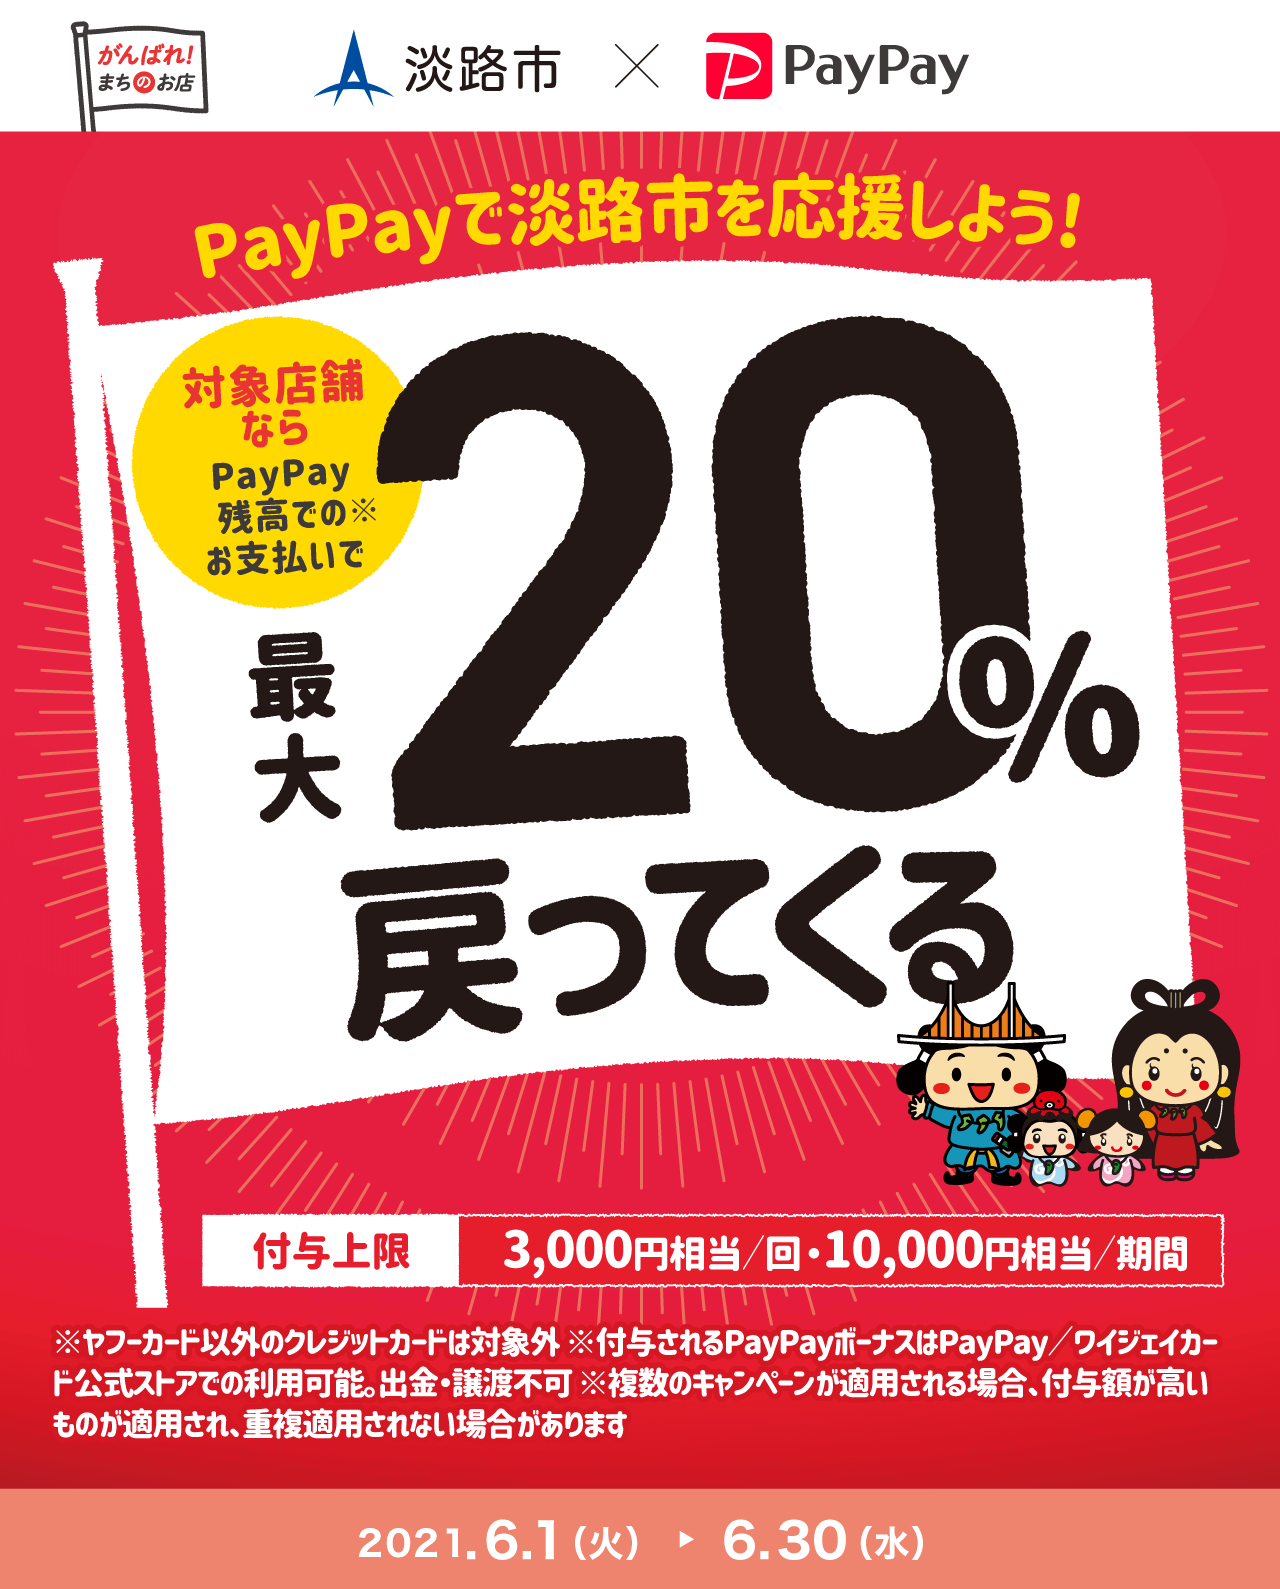 PayPayで淡路市を応援しよう! 対象店舗ならPayPay残高でのお支払いで最大20%戻ってくる